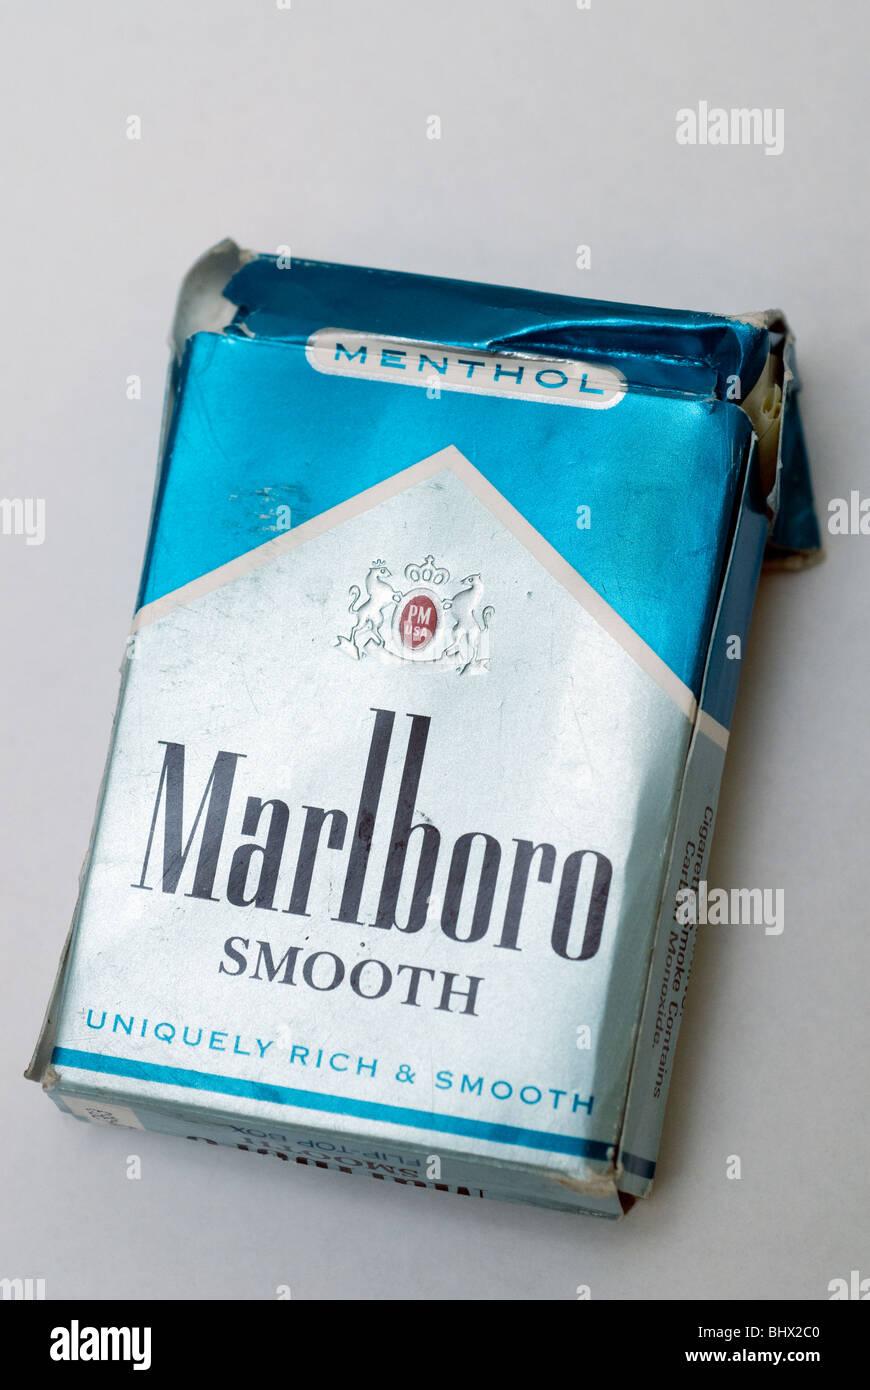 Menthol Cigarettes Stock Photos & Menthol Cigarettes Stock